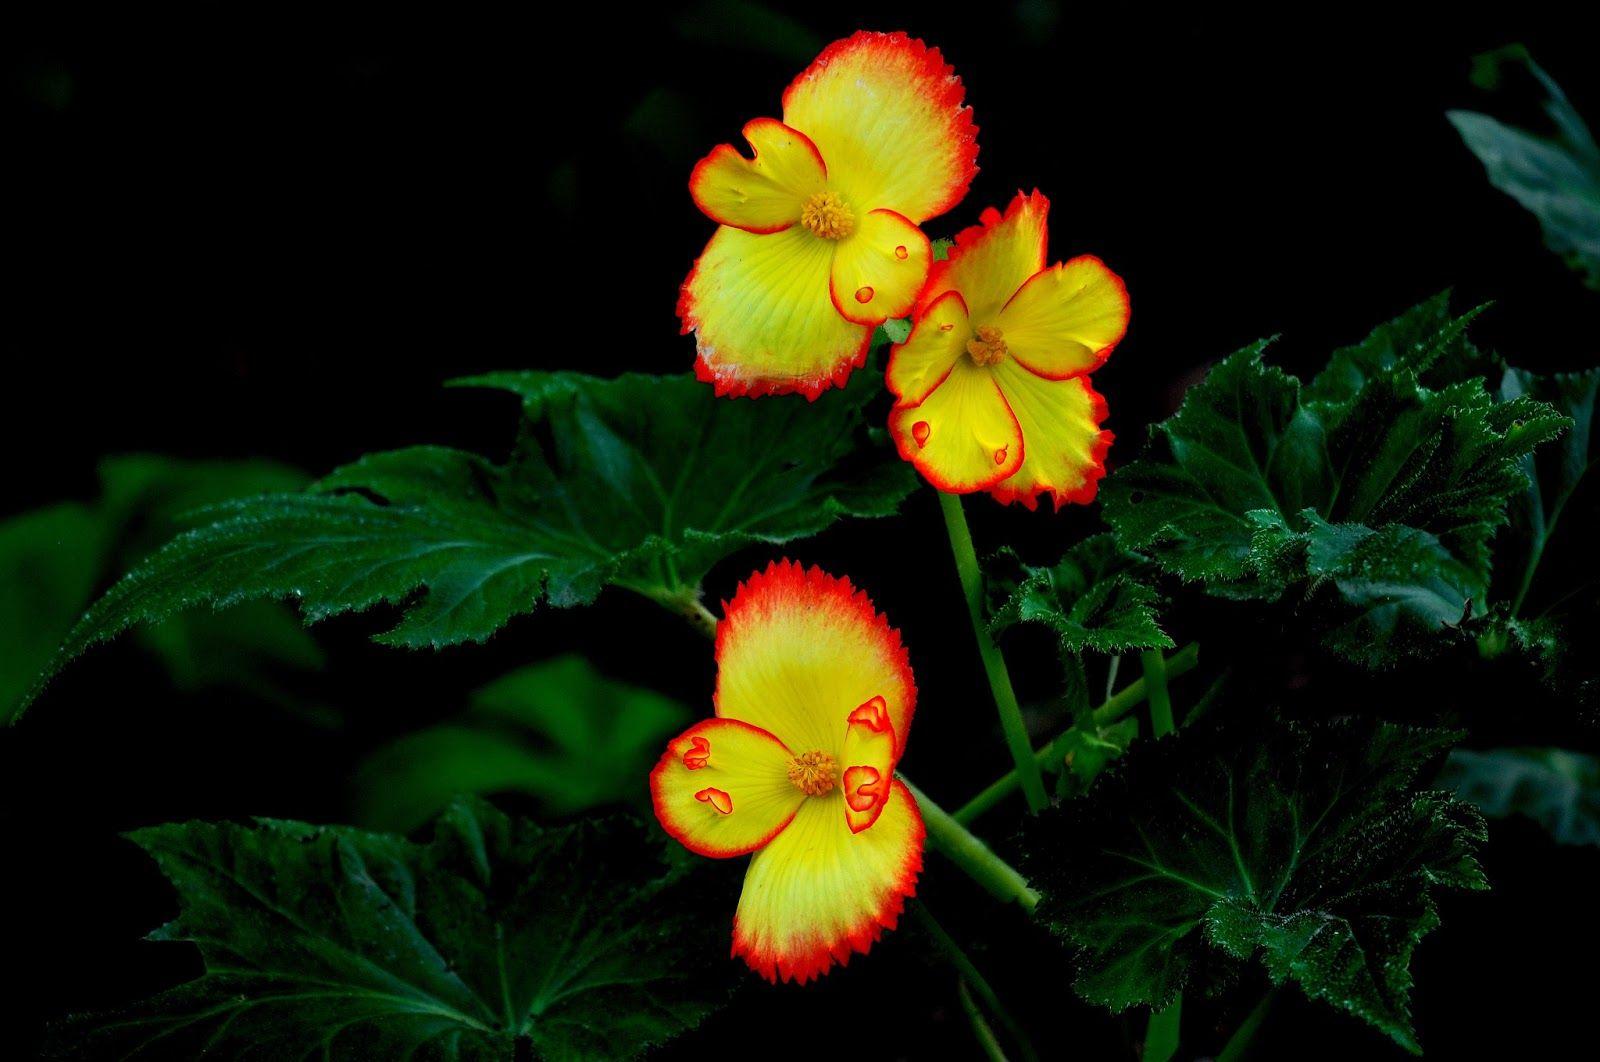 Flores Hermosas Flores Silvestres Fondos De Pantalla Gratis: Pin De Luna De Abril En FLORES